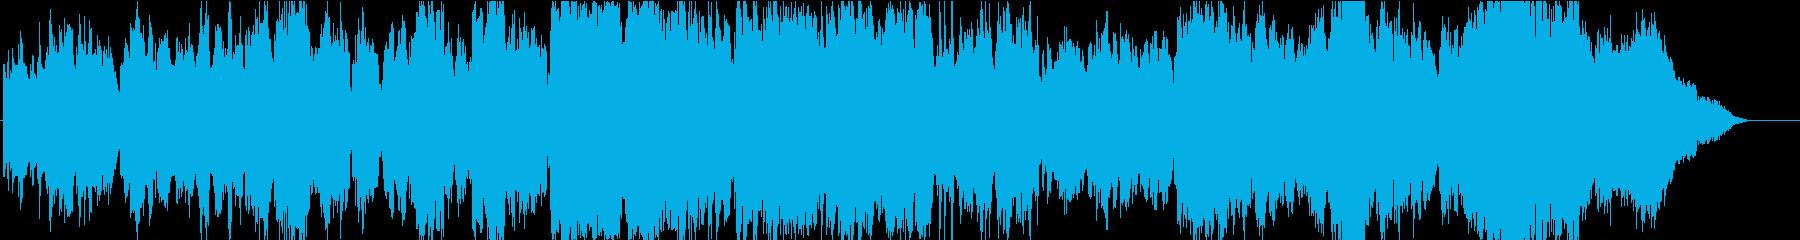 軽い弦とフルートの感情的なピアノ/...の再生済みの波形